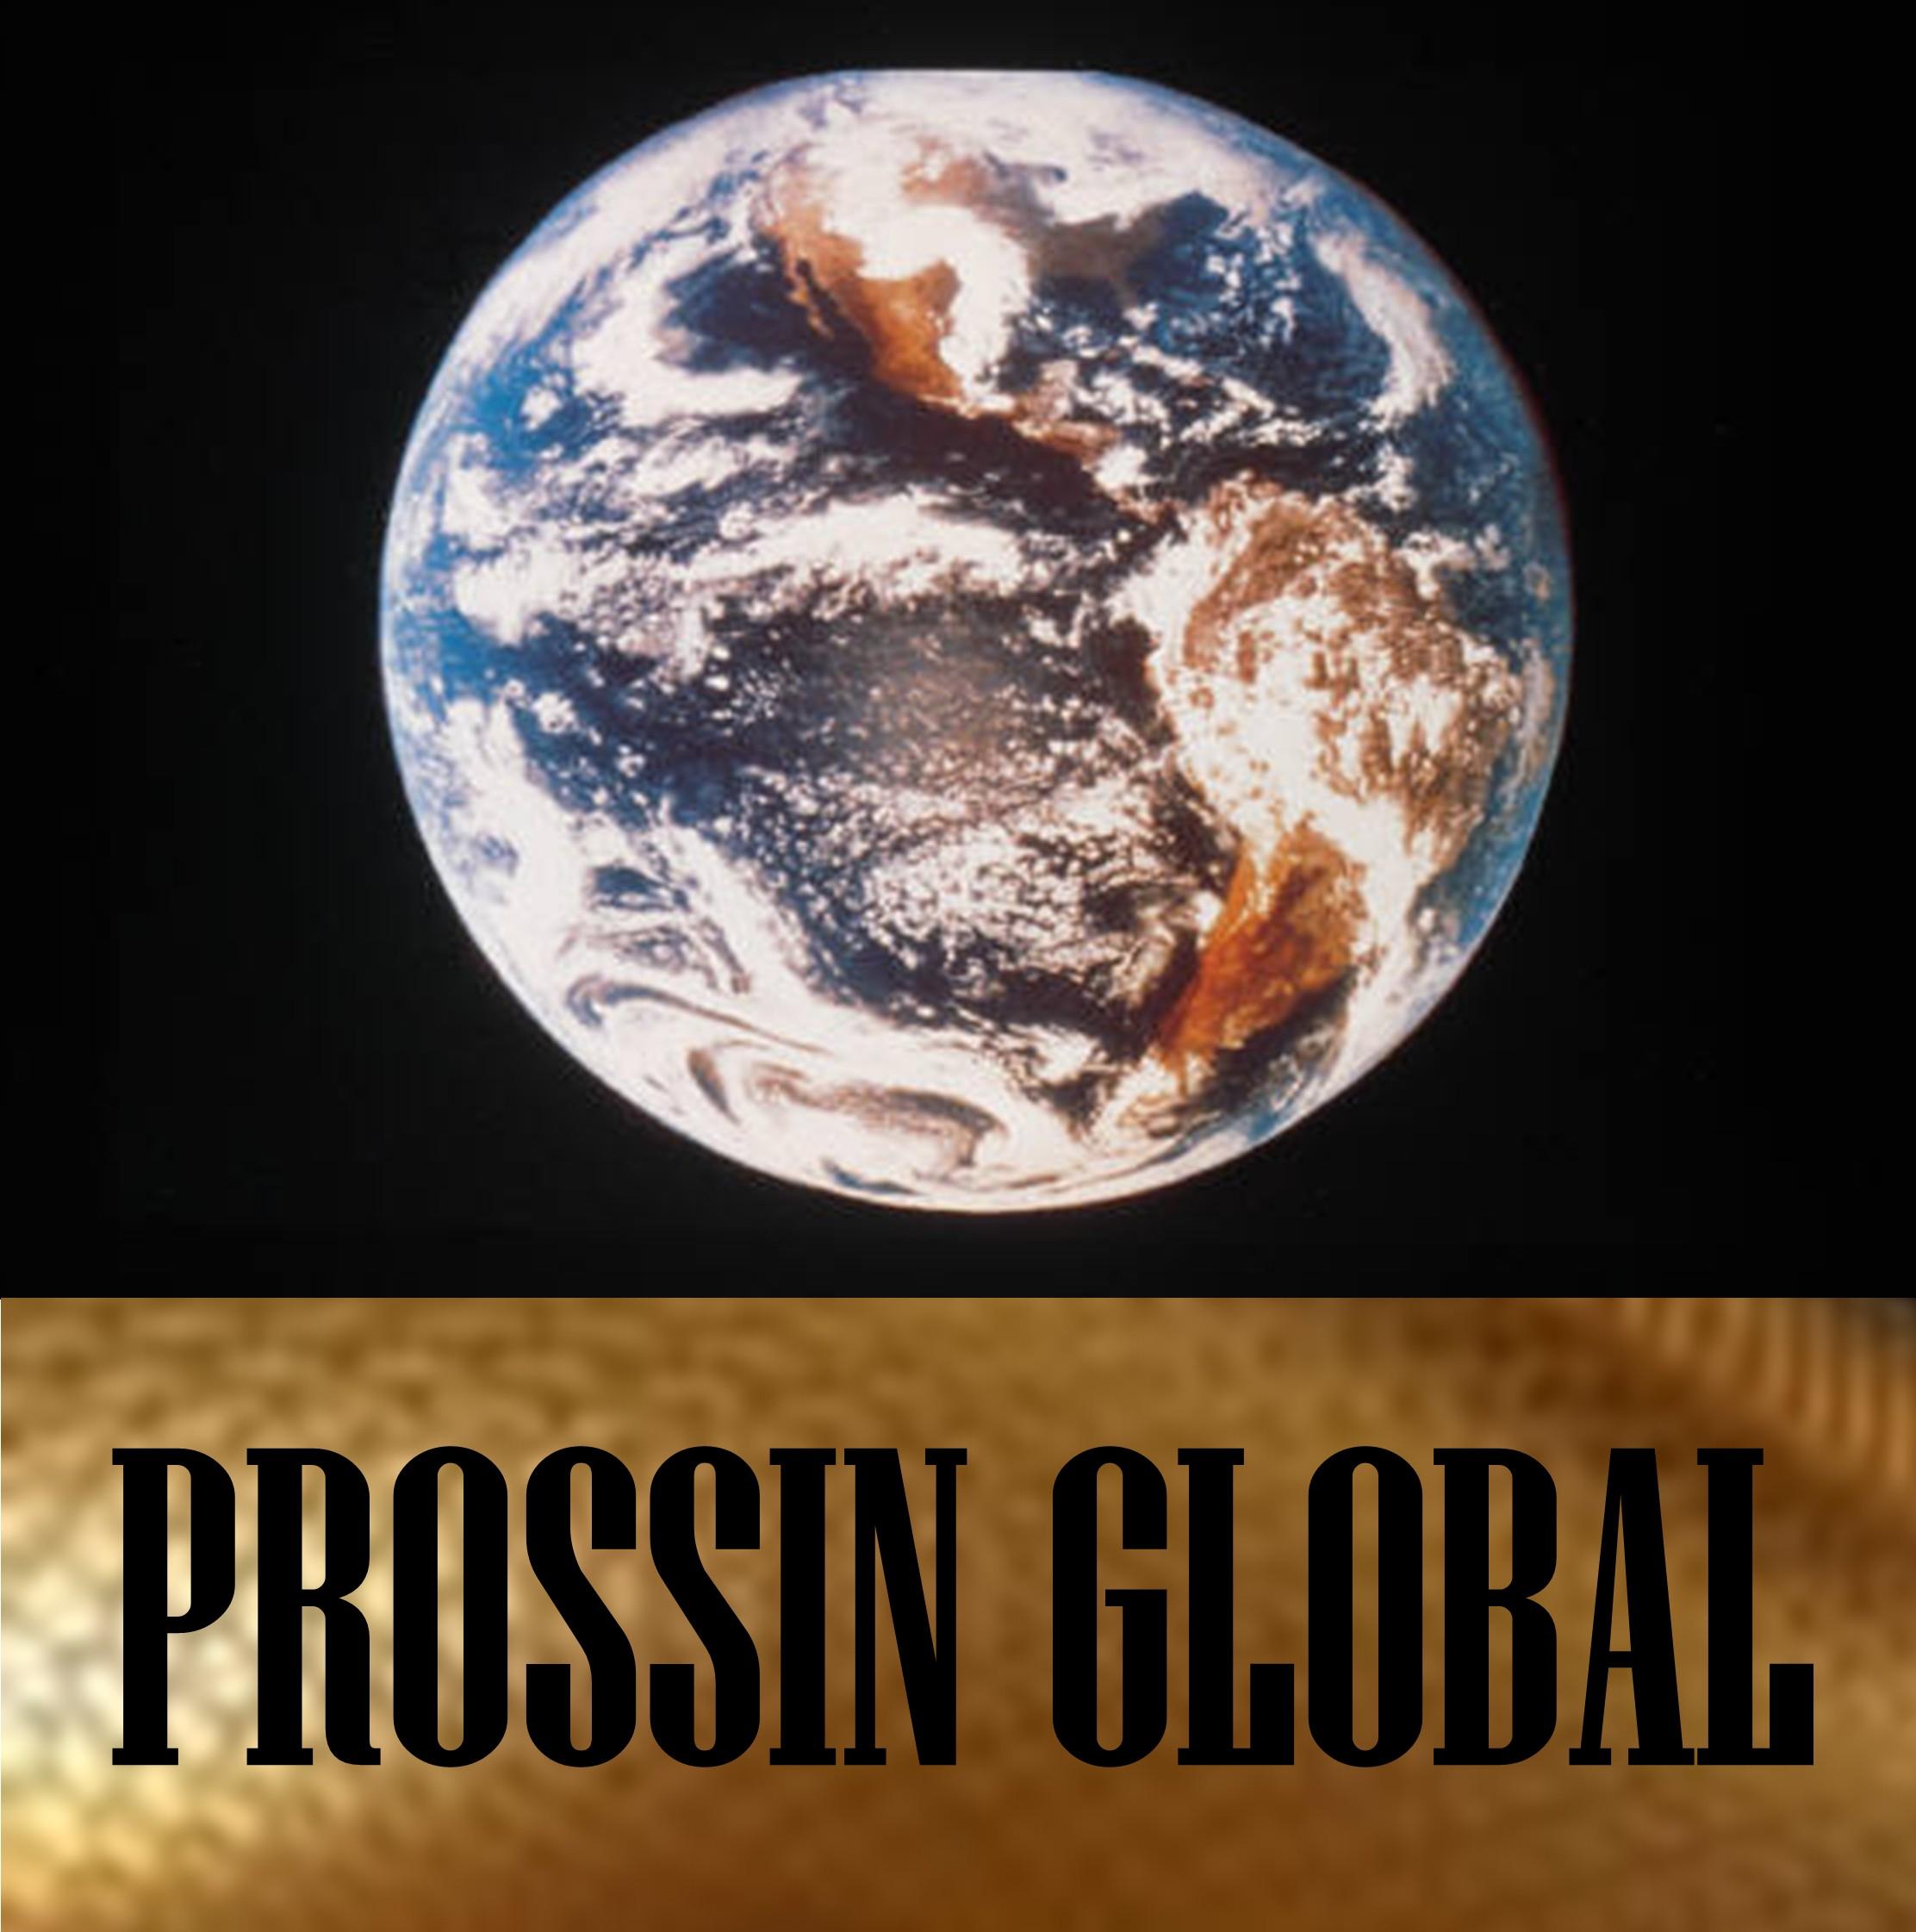 Prossin Global